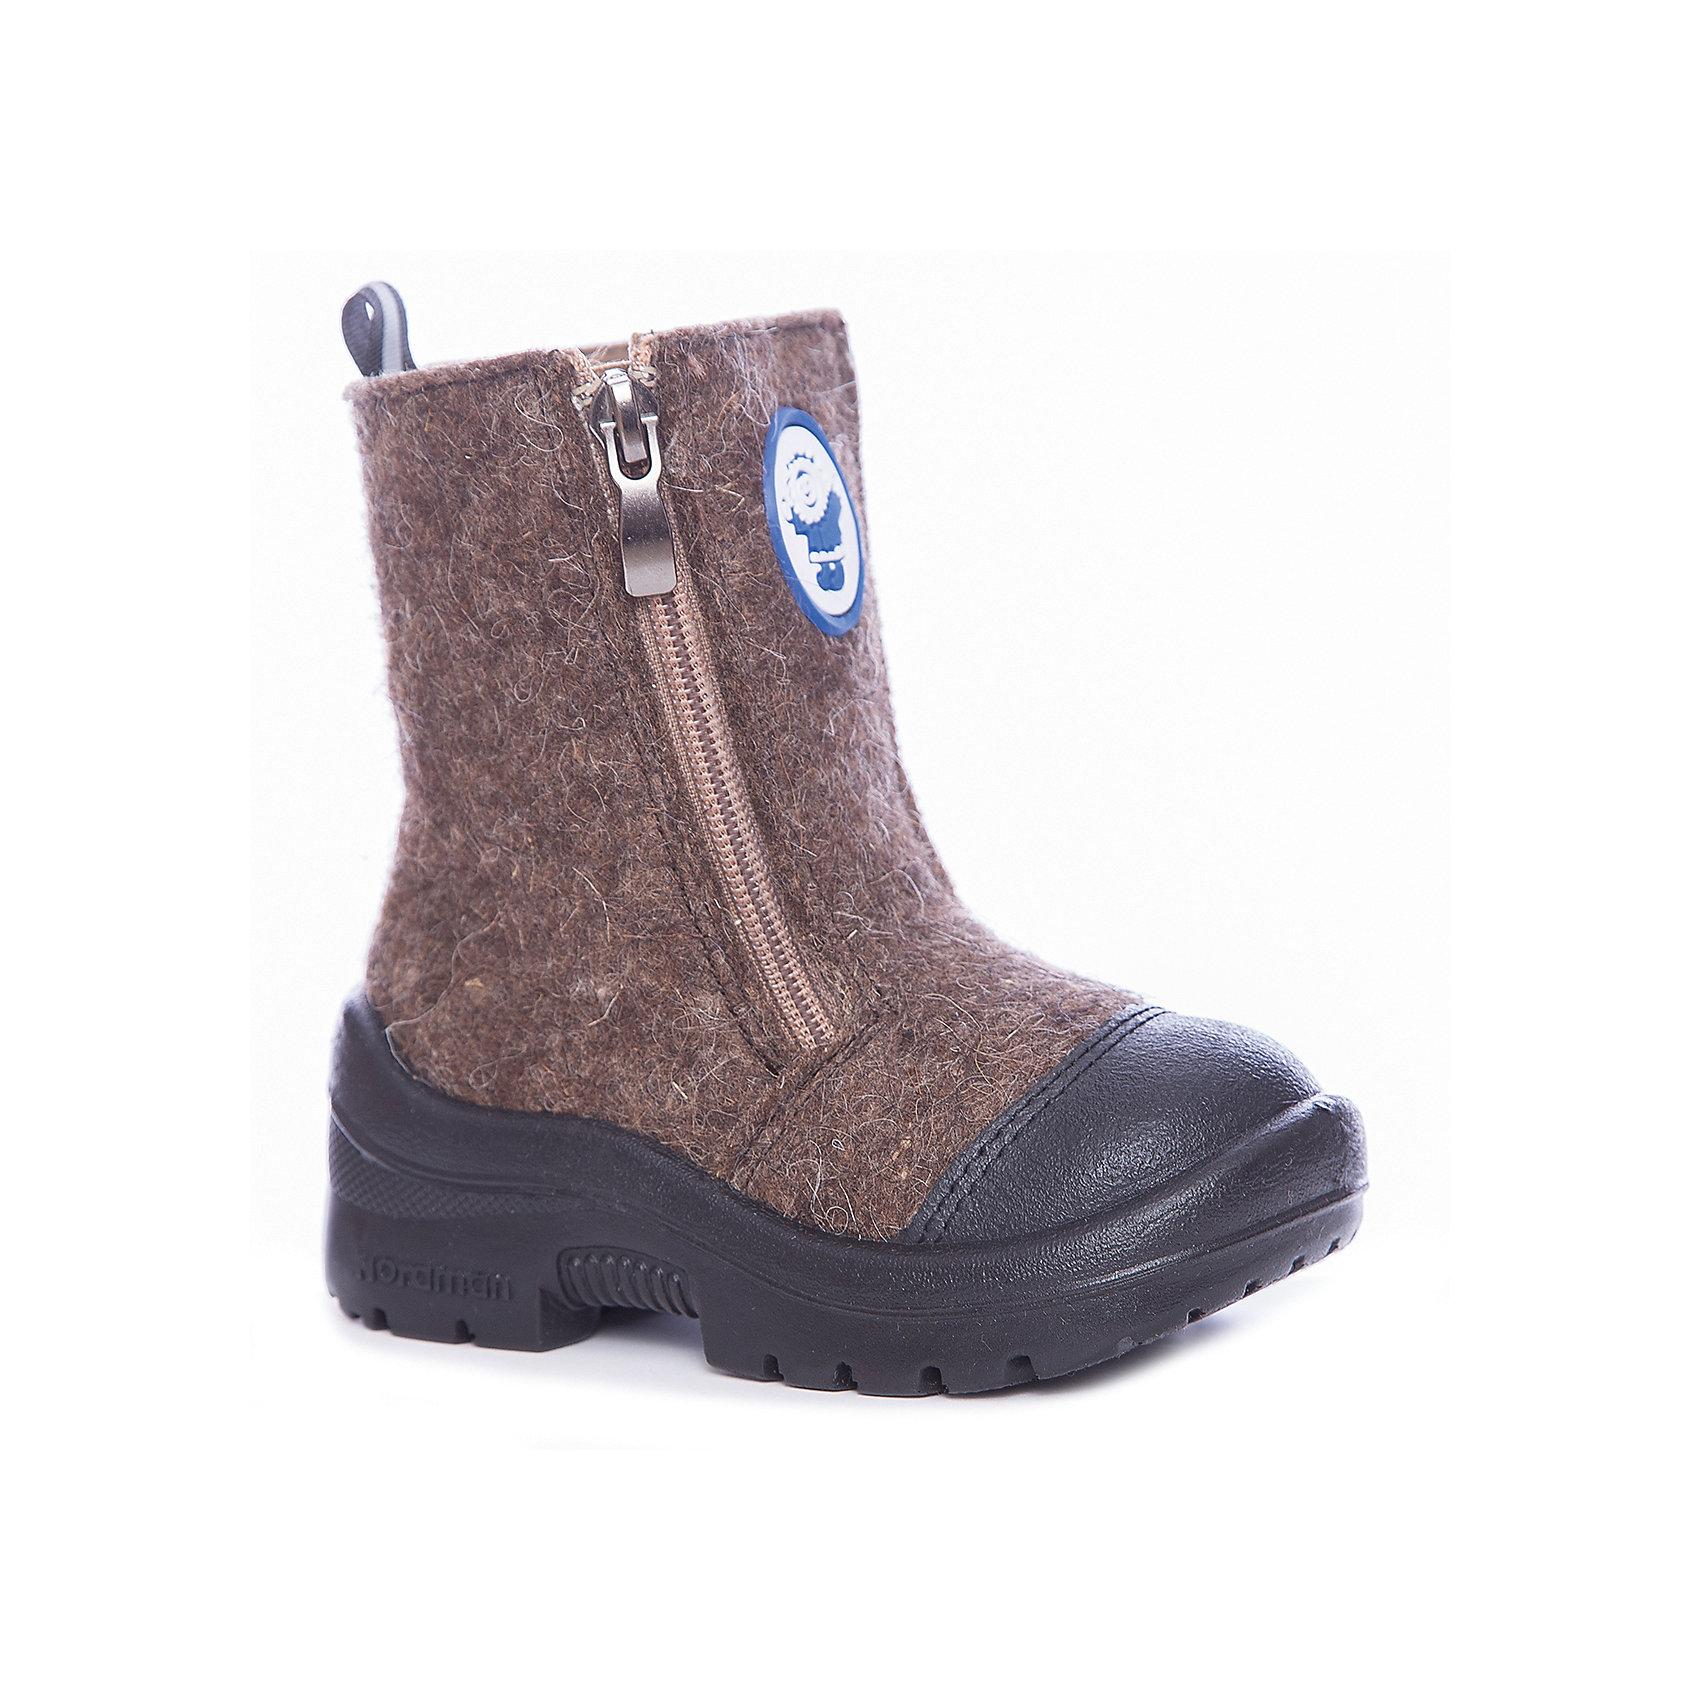 Валенки  NordmanВаленки<br>Характеристики товара:<br><br>• цвет: коричневый<br>• материал верха: текстиль (войлок)<br>• подклад: шерстяной мех<br>• стелька: шерстяной мех<br>• подошва: полиуретан<br>• сезон: зима<br>• температурный режим: от 0 до -30<br>• застежка: молния<br>• защита мыса<br>• подошва не скользит<br>• анатомические <br>• страна бренда: Россия<br>• страна изготовитель: Россия<br><br>Валенки Nordman позволяют сохранить ноги в тепле, а литая высокая полиуретановая подошва одновременно не дать им промокнуть и обеспечивает дополнительную защиту от холода. Такая обувь отлично подходит для морозной зимы. <br><br>Антискользящий протектор позволяет детям увереннее держаться на ногах даже в гололед. Меховая подкладка обеспечивает комфортные условия для ног благодаря способности материала впитывать влагу. Стелька из меха легко вынимается и быстро сохнет.<br><br>Валенки Nordman (Нордман) можно купить в нашем интернет-магазине.<br><br>Ширина мм: 257<br>Глубина мм: 180<br>Высота мм: 130<br>Вес г: 420<br>Цвет: коричневый<br>Возраст от месяцев: 24<br>Возраст до месяцев: 36<br>Пол: Унисекс<br>Возраст: Детский<br>Размер: 26,22,23,24,25<br>SKU: 6867400